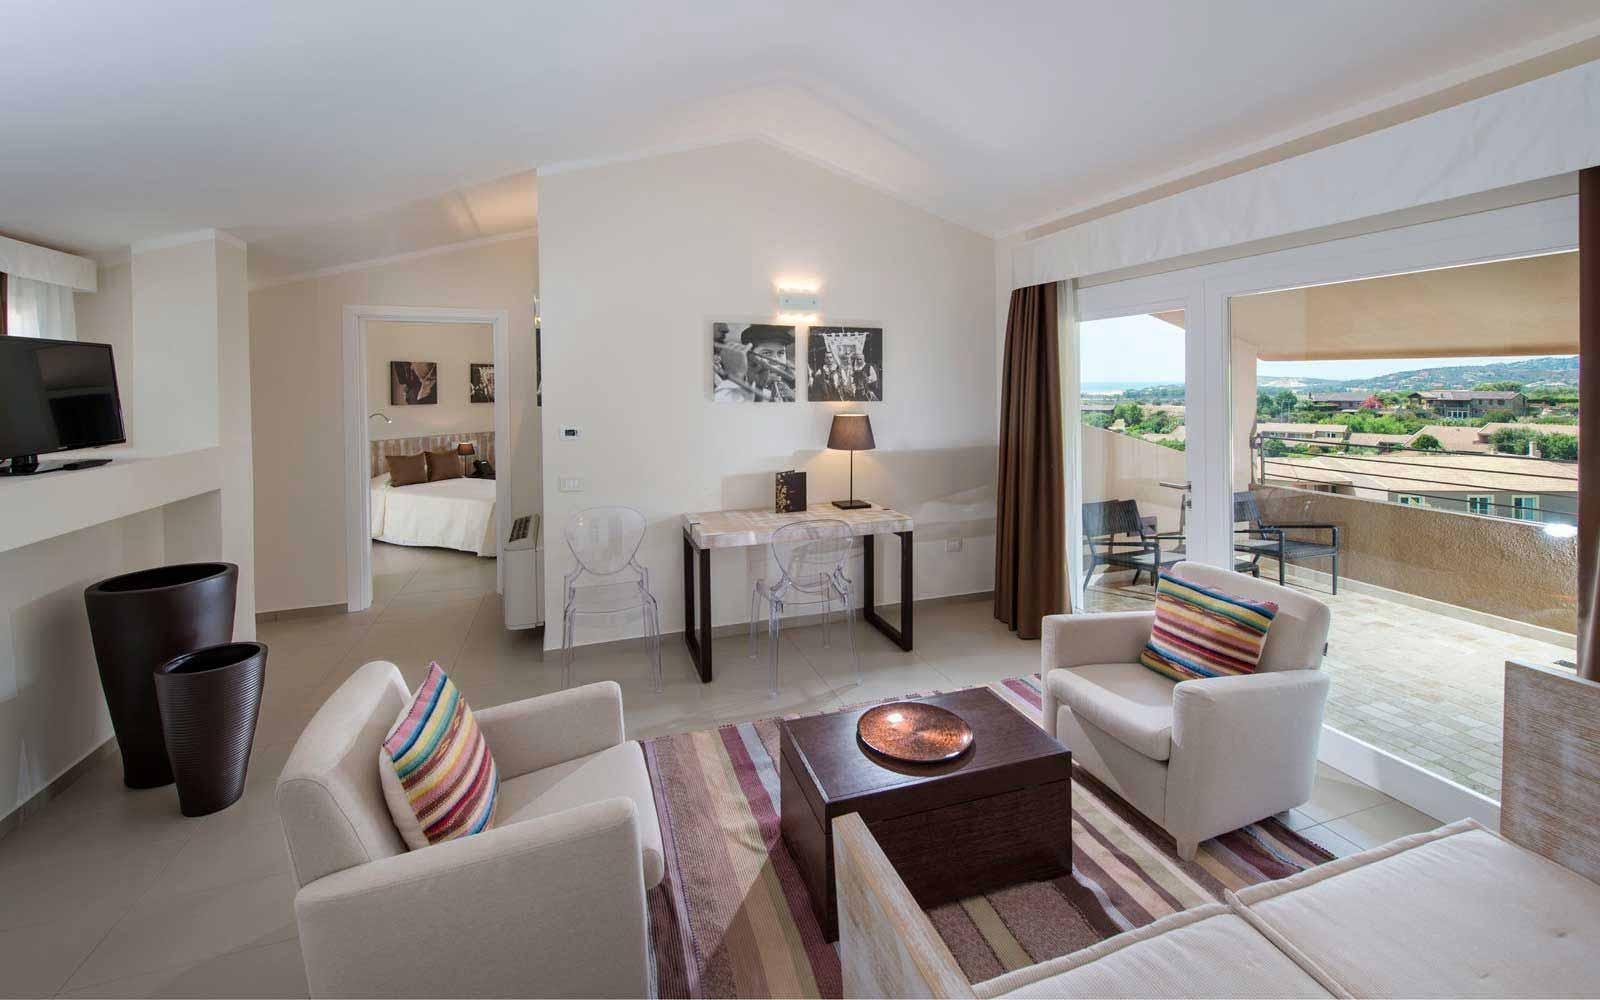 Oasi balcony suite at Spazio Oasi